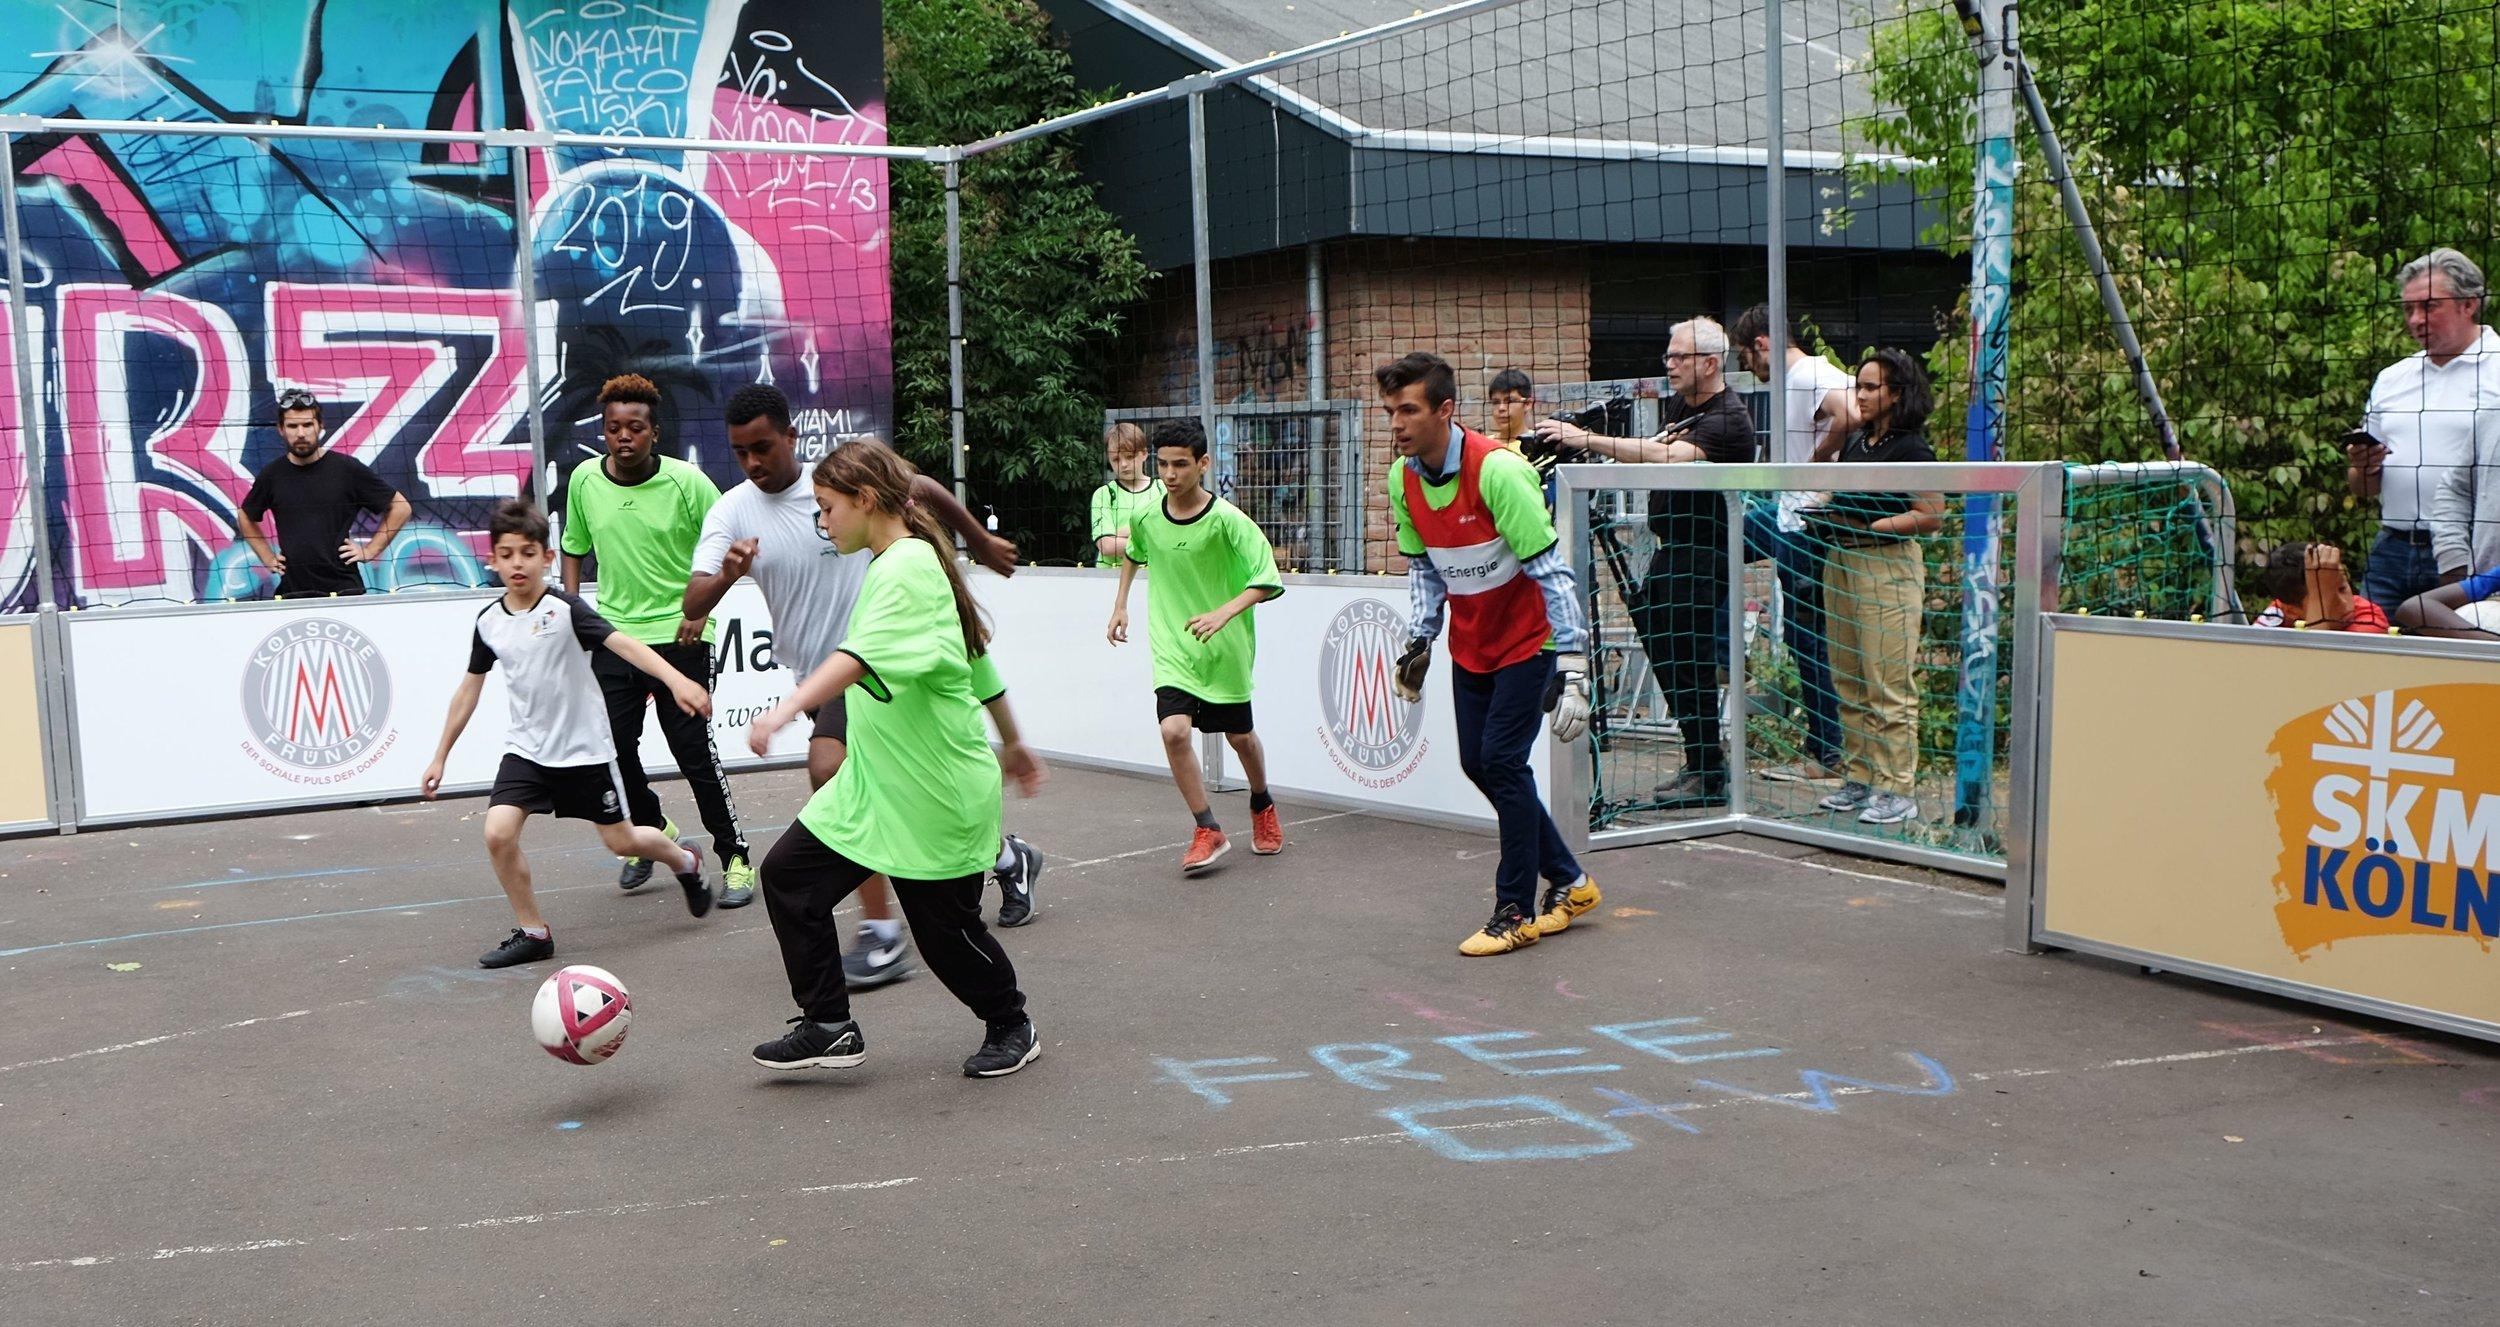 2. Soccer_Court_Turnier.JPG